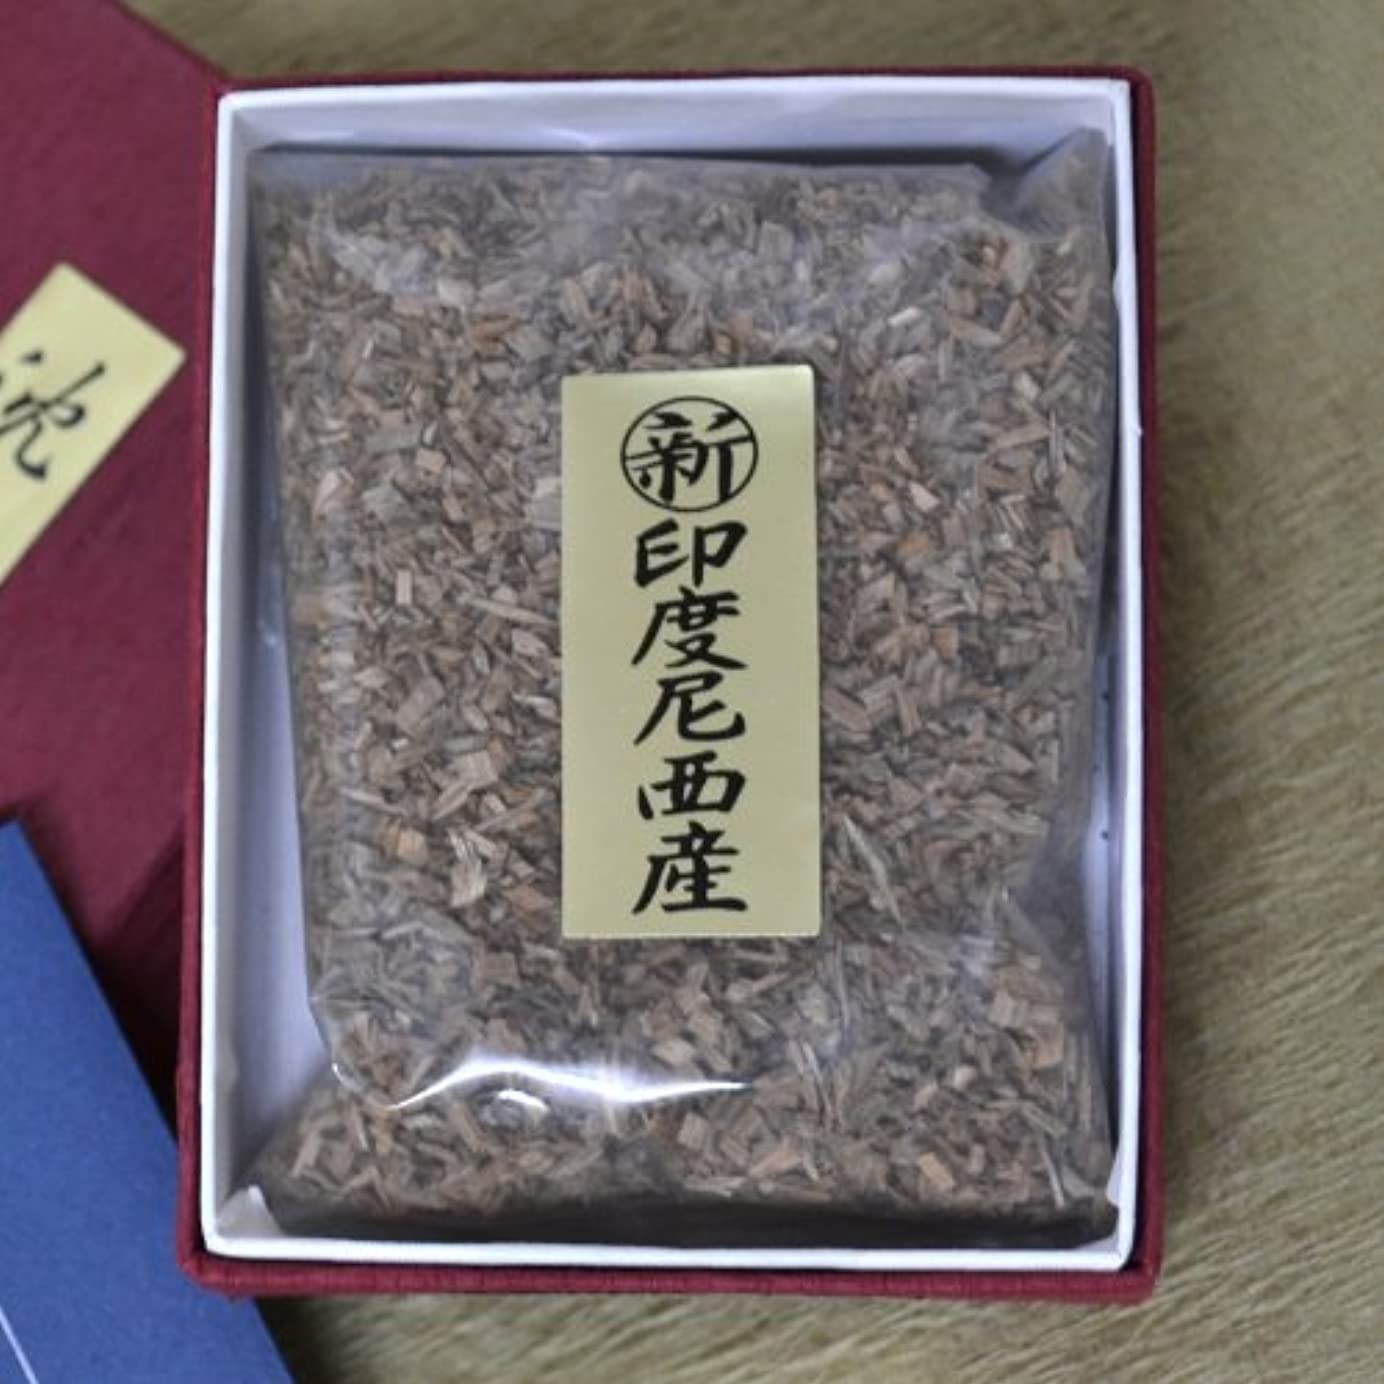 発表する糸導入する香木 お焼香 新インドネシア産 沈香 【最高級品】 18g